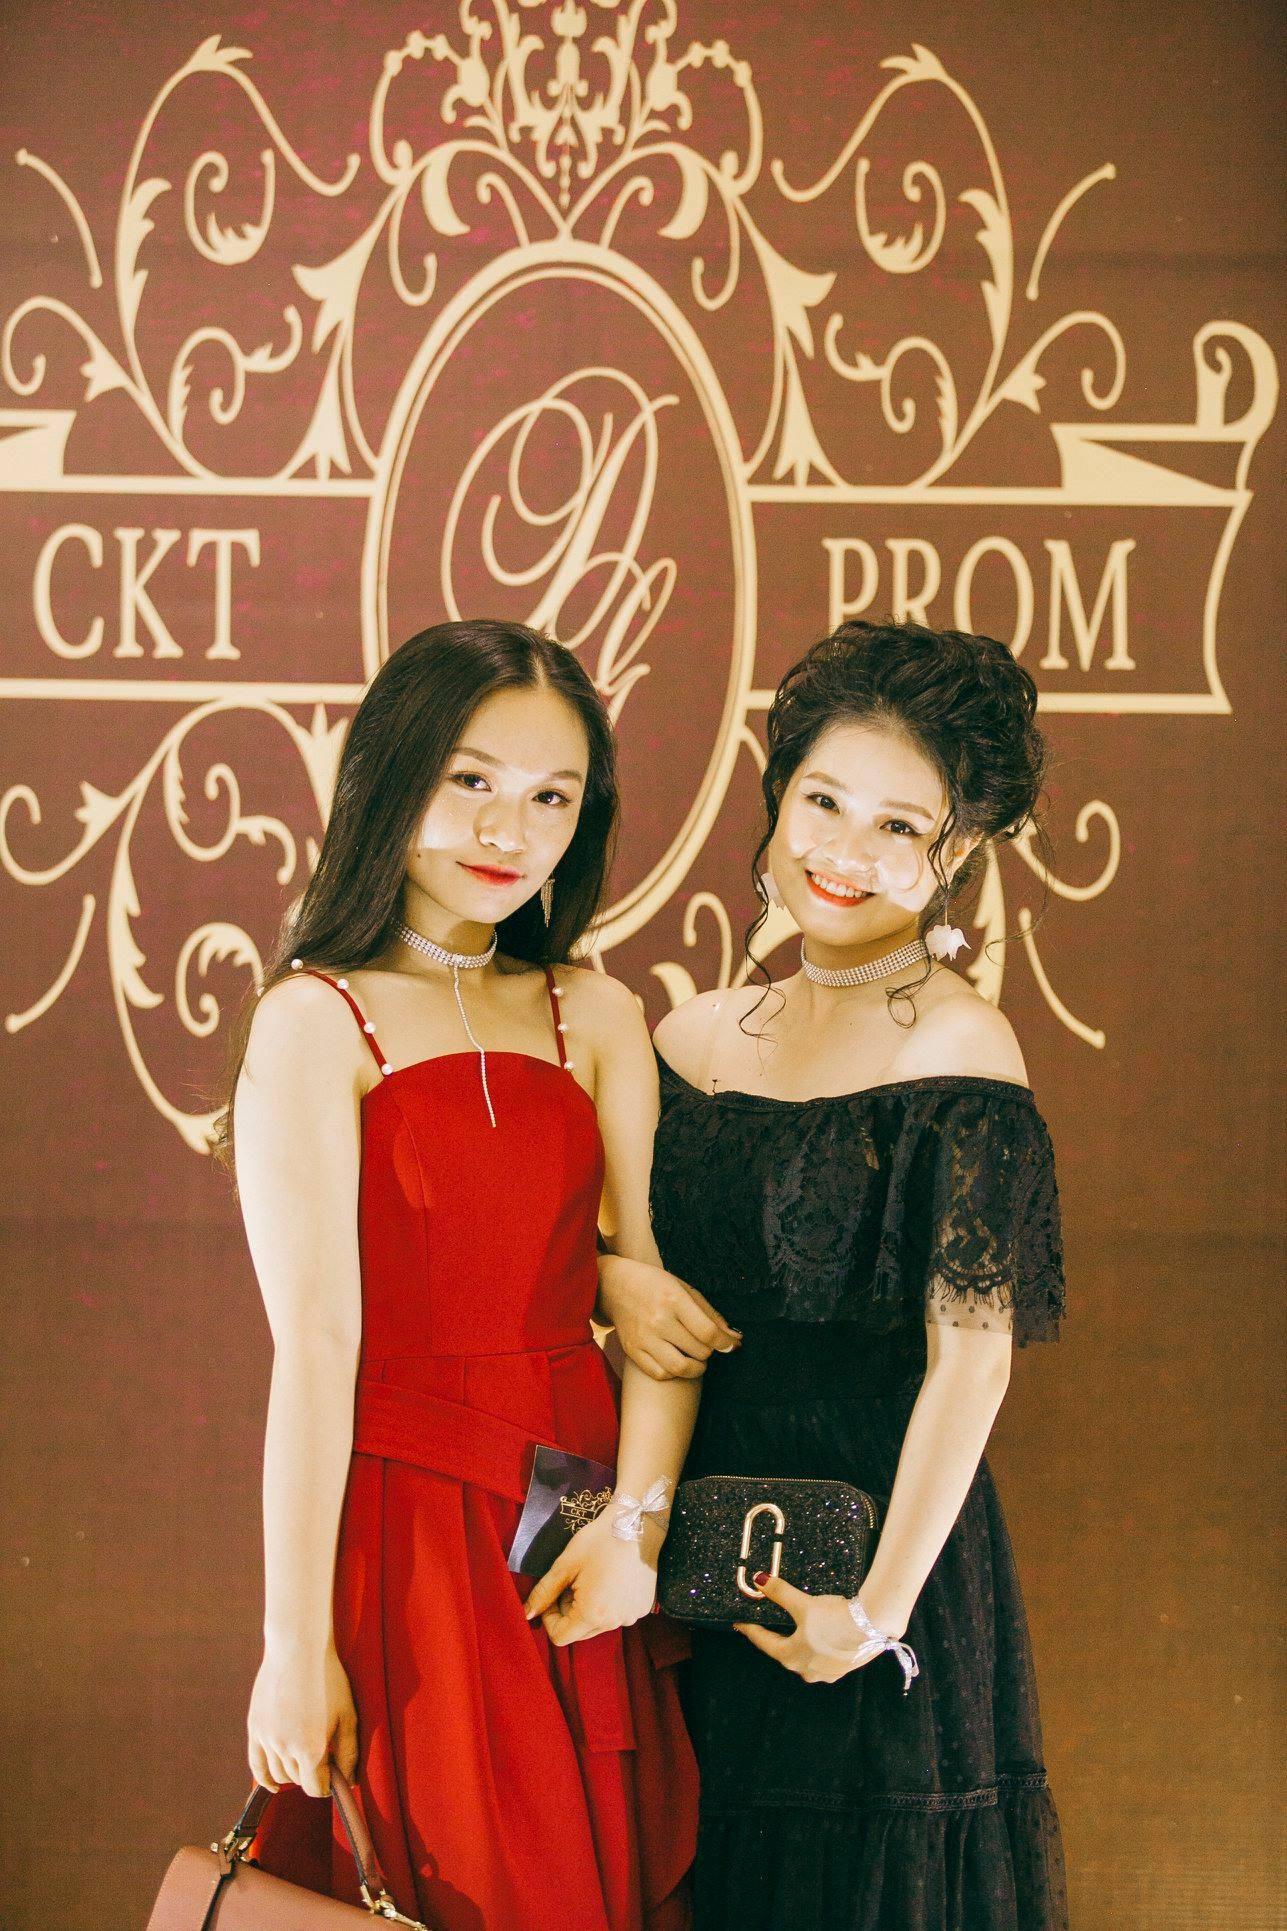 Không chỉ RMIT, trường chuyên phố núi Kon Tum cũng khiến chúng ta đã mắt với dàn trai xinh gái đẹp trong tiệc prom - Ảnh 18.